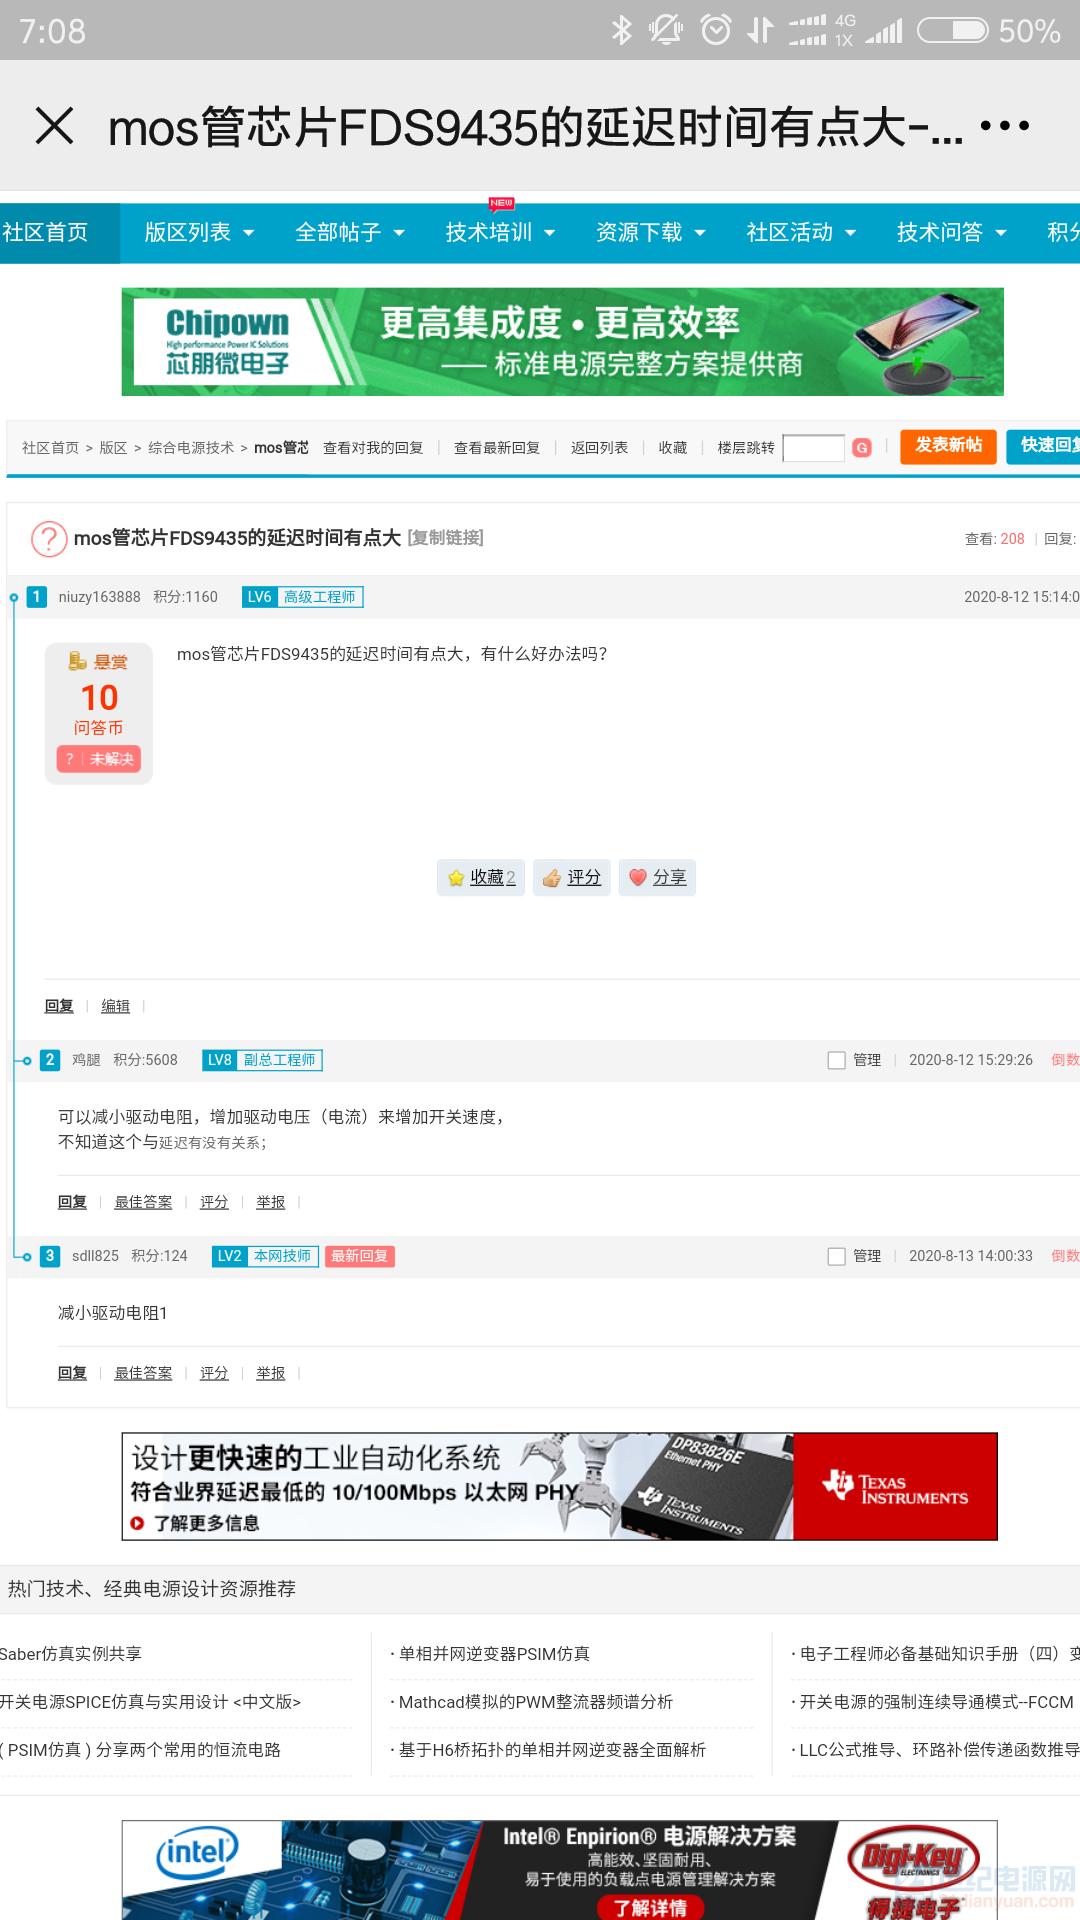 Screenshot_2020-08-20-07-08-20-976_com.tencent.mm.png